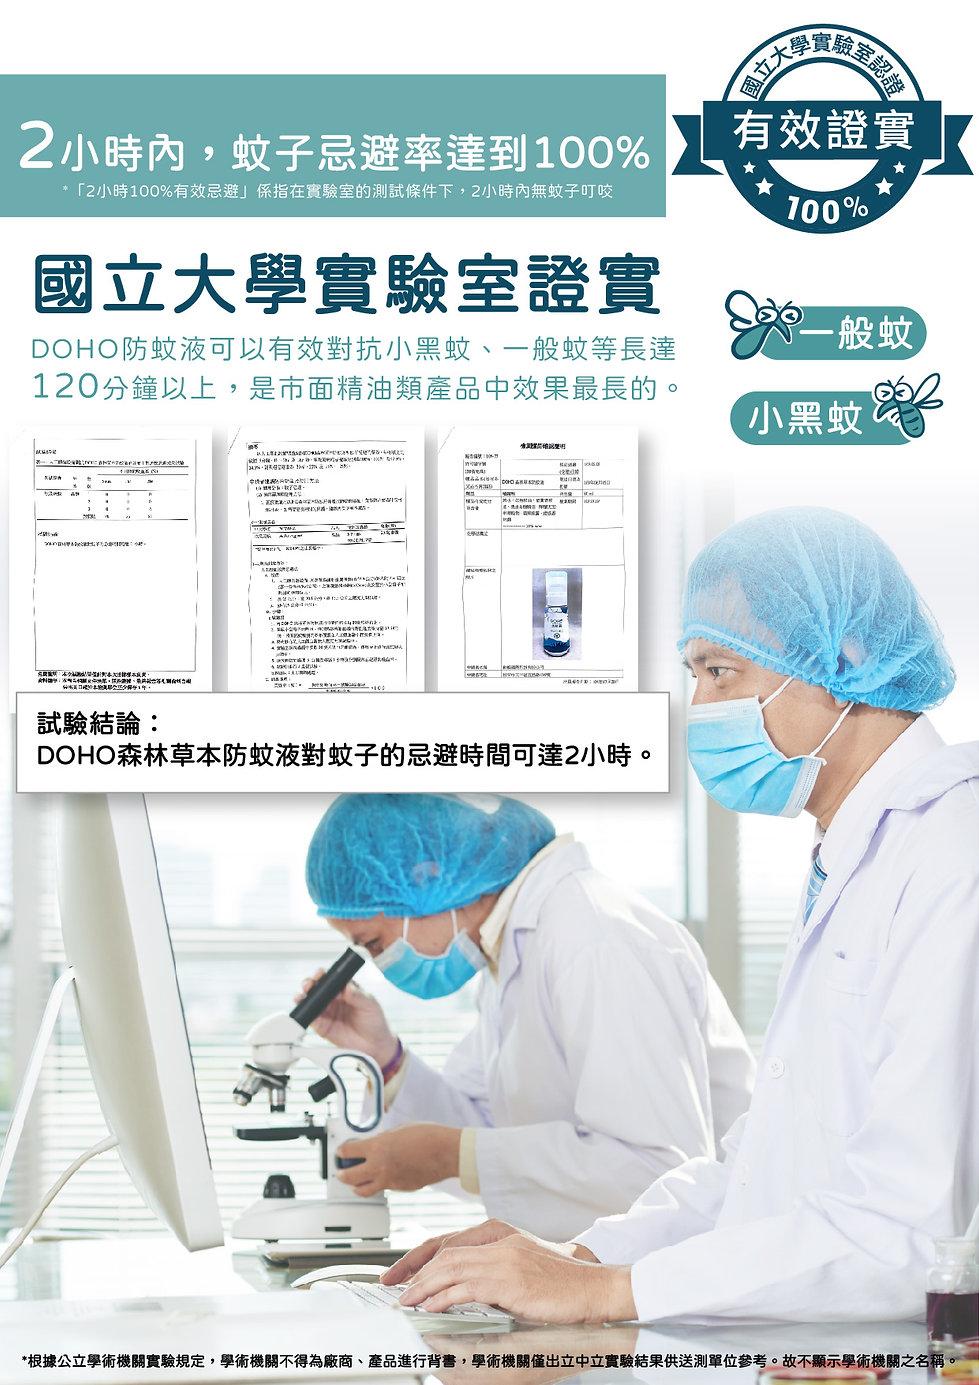 防蚊液文案20200803-10.jpg